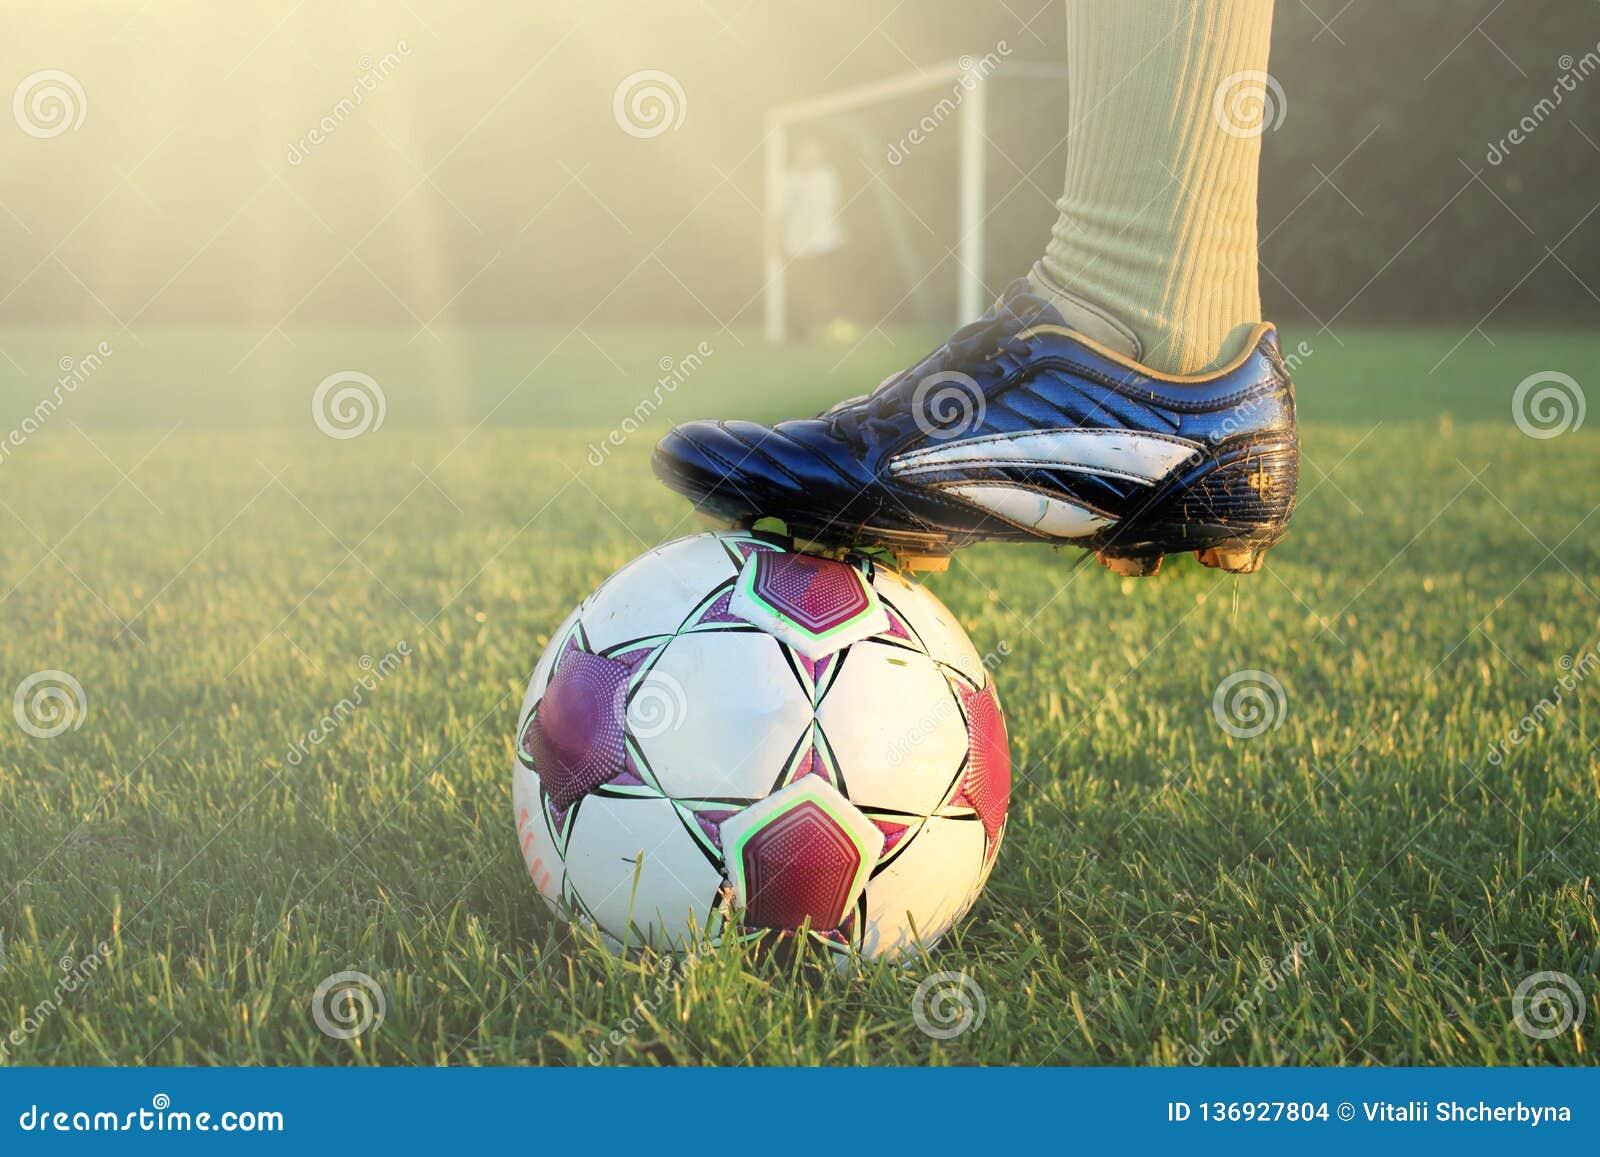 Футболист в действии с футболом в ярко освещенном внешнем стадионе Фокус на переднем плане и футбольный мяч с малой глубиной